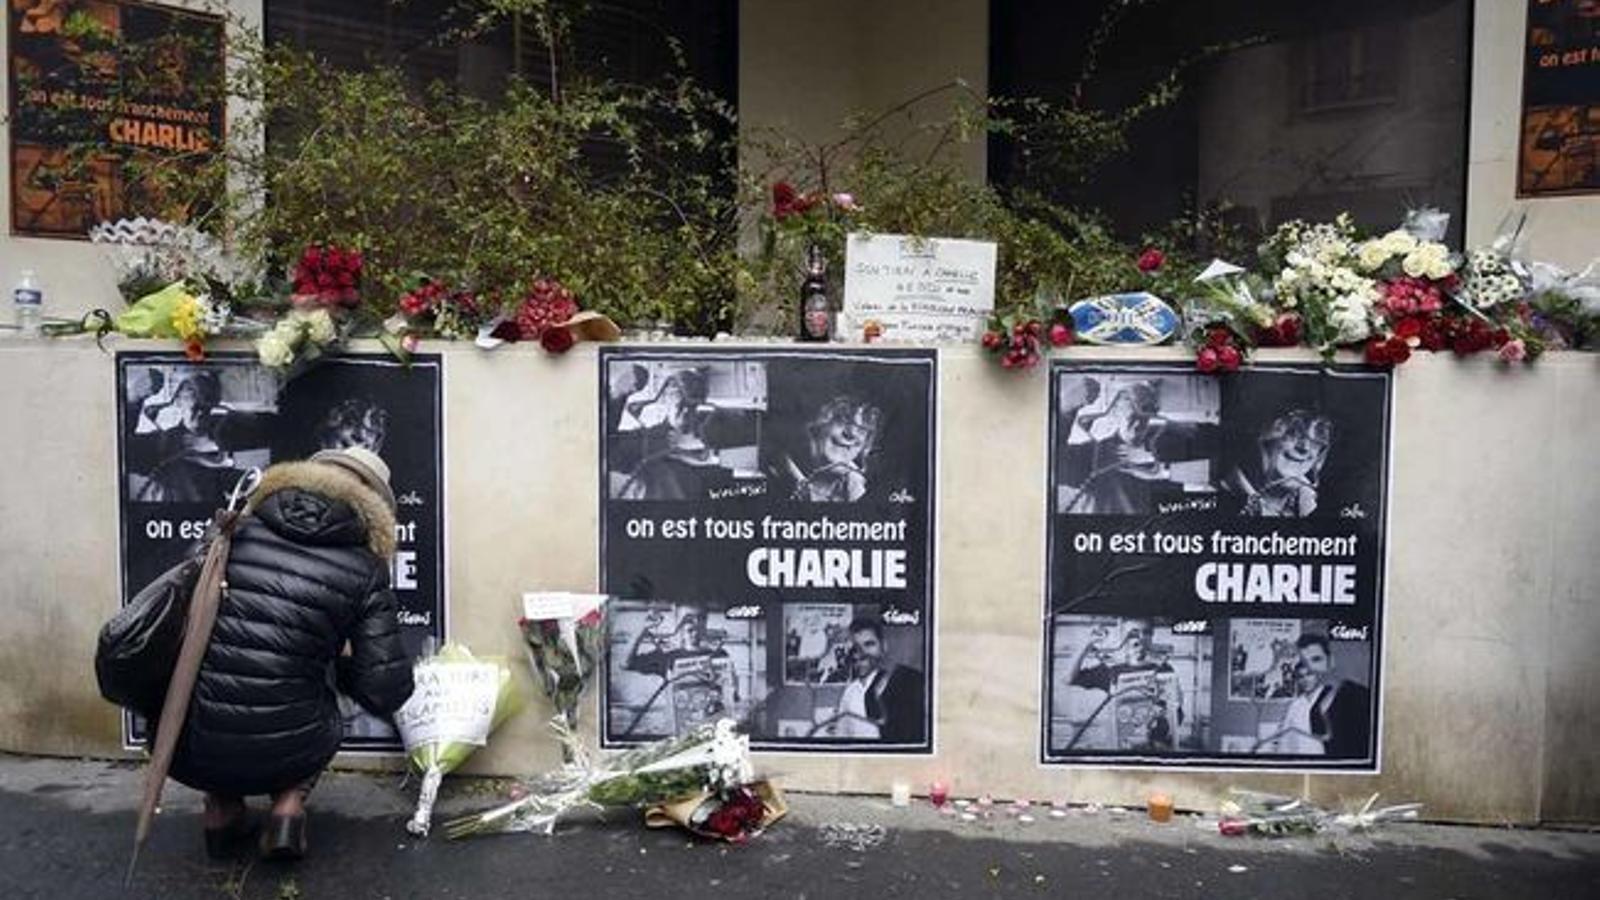 Mostres de condol a la redacció de 'Charlie Hebdo' hores després de l'atac, el 2015.